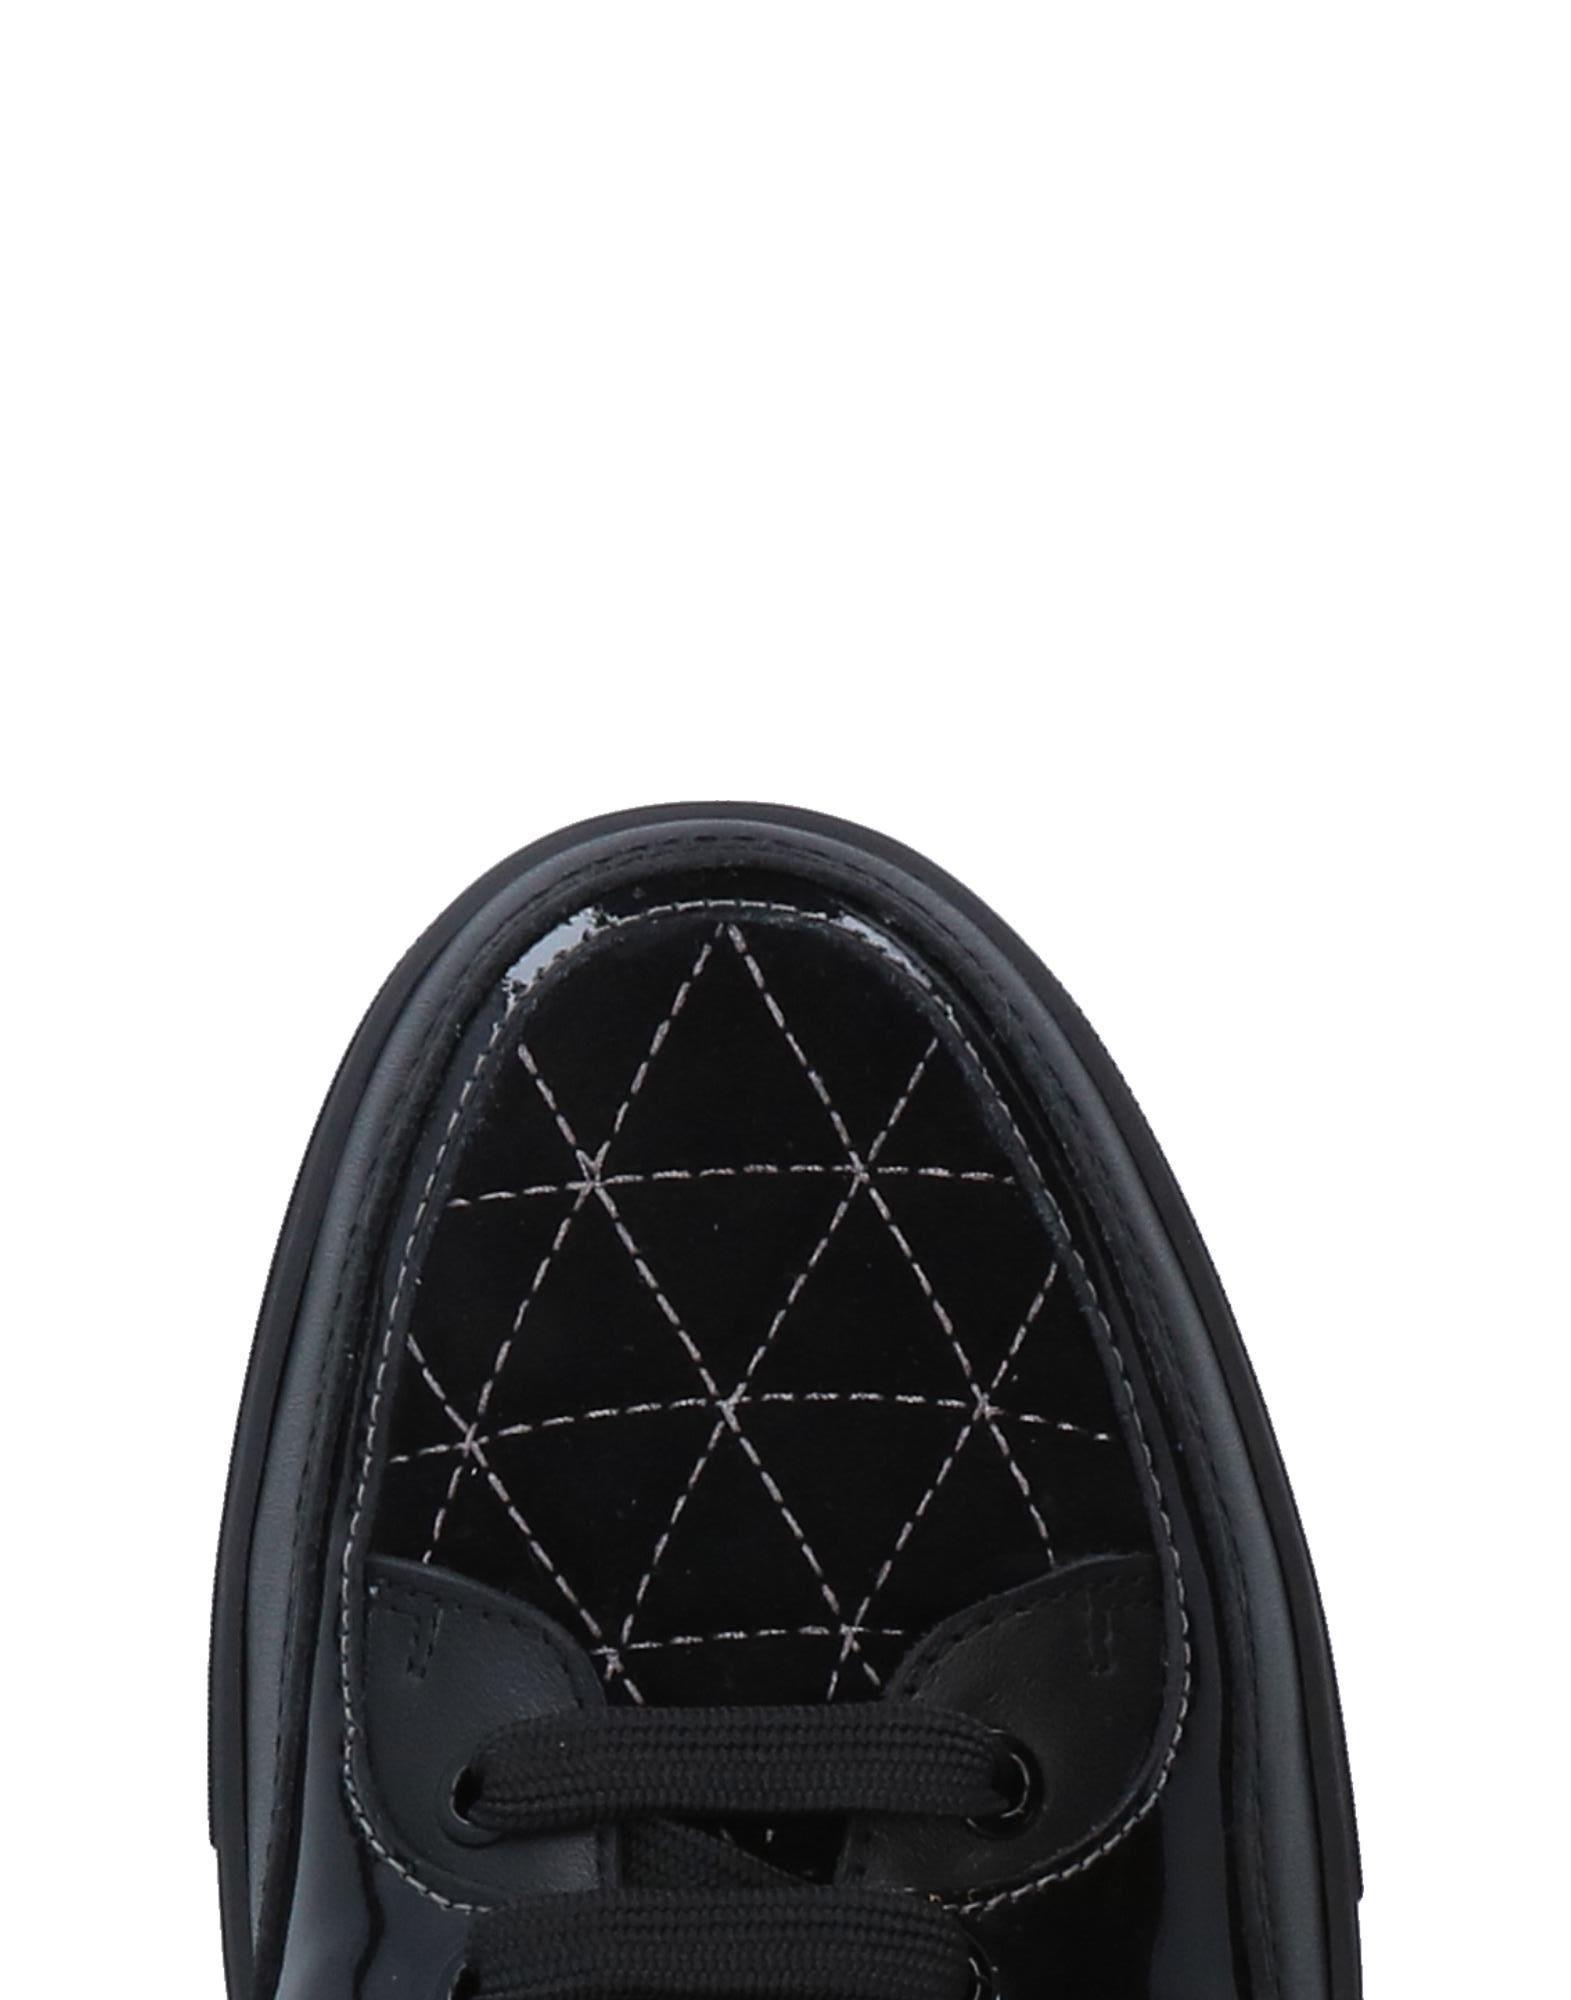 Royaums Sneakers Herren  11315969HC Gute Qualität beliebte Schuhe